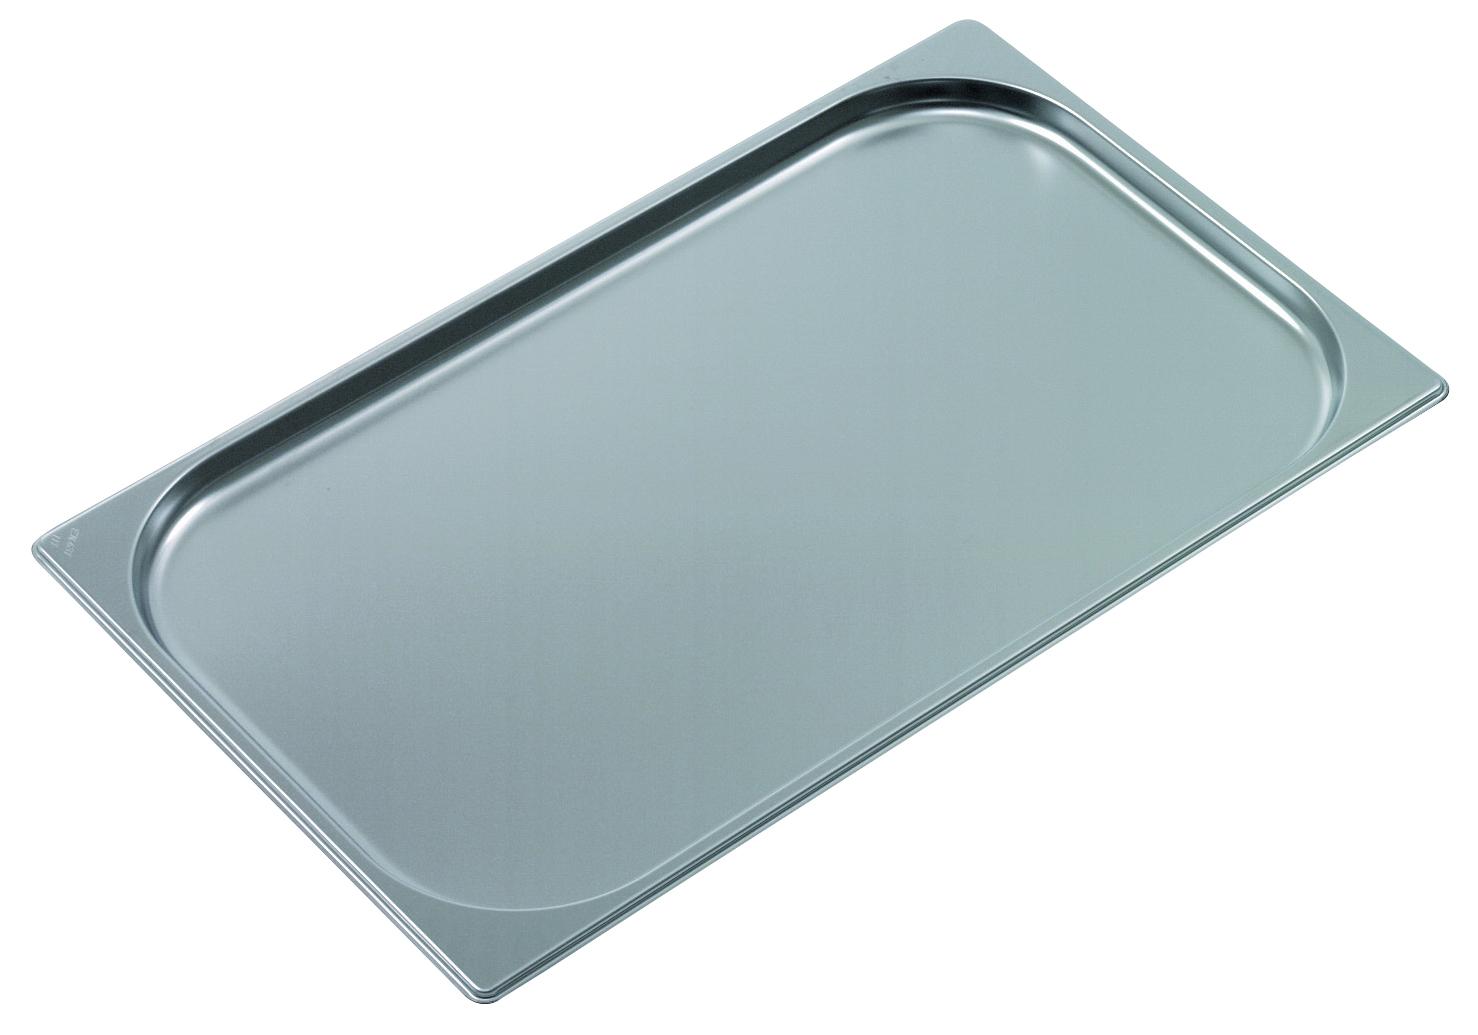 Bartcher Bakblik - 1/1 GN, 65 mm diep - met versterkte rand